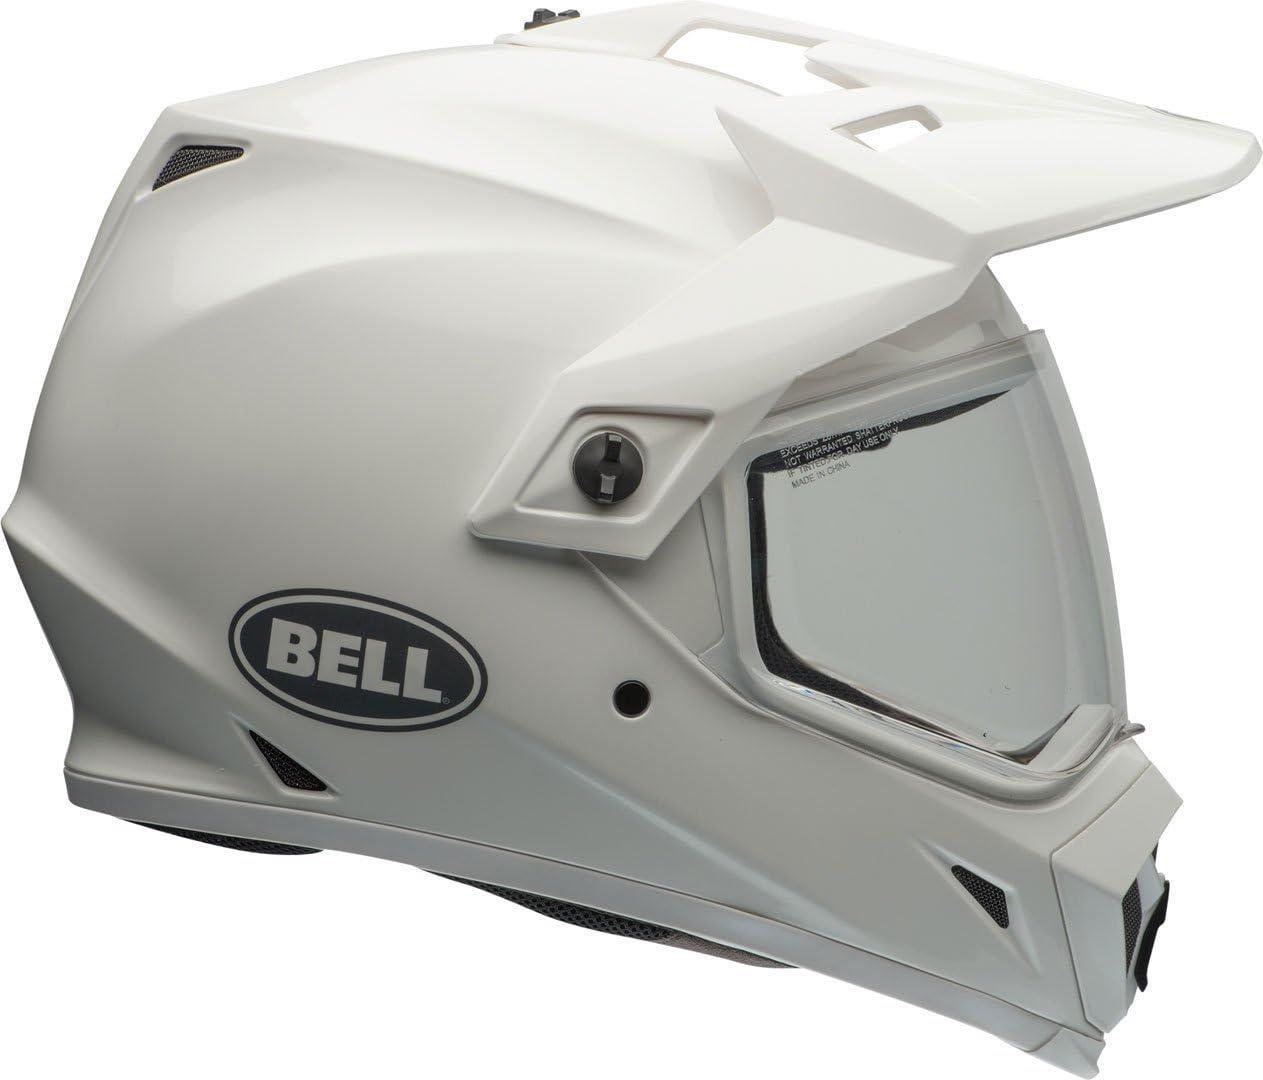 Bell Mx 9 Adventure Mips Solid White Größe Xxl Auto